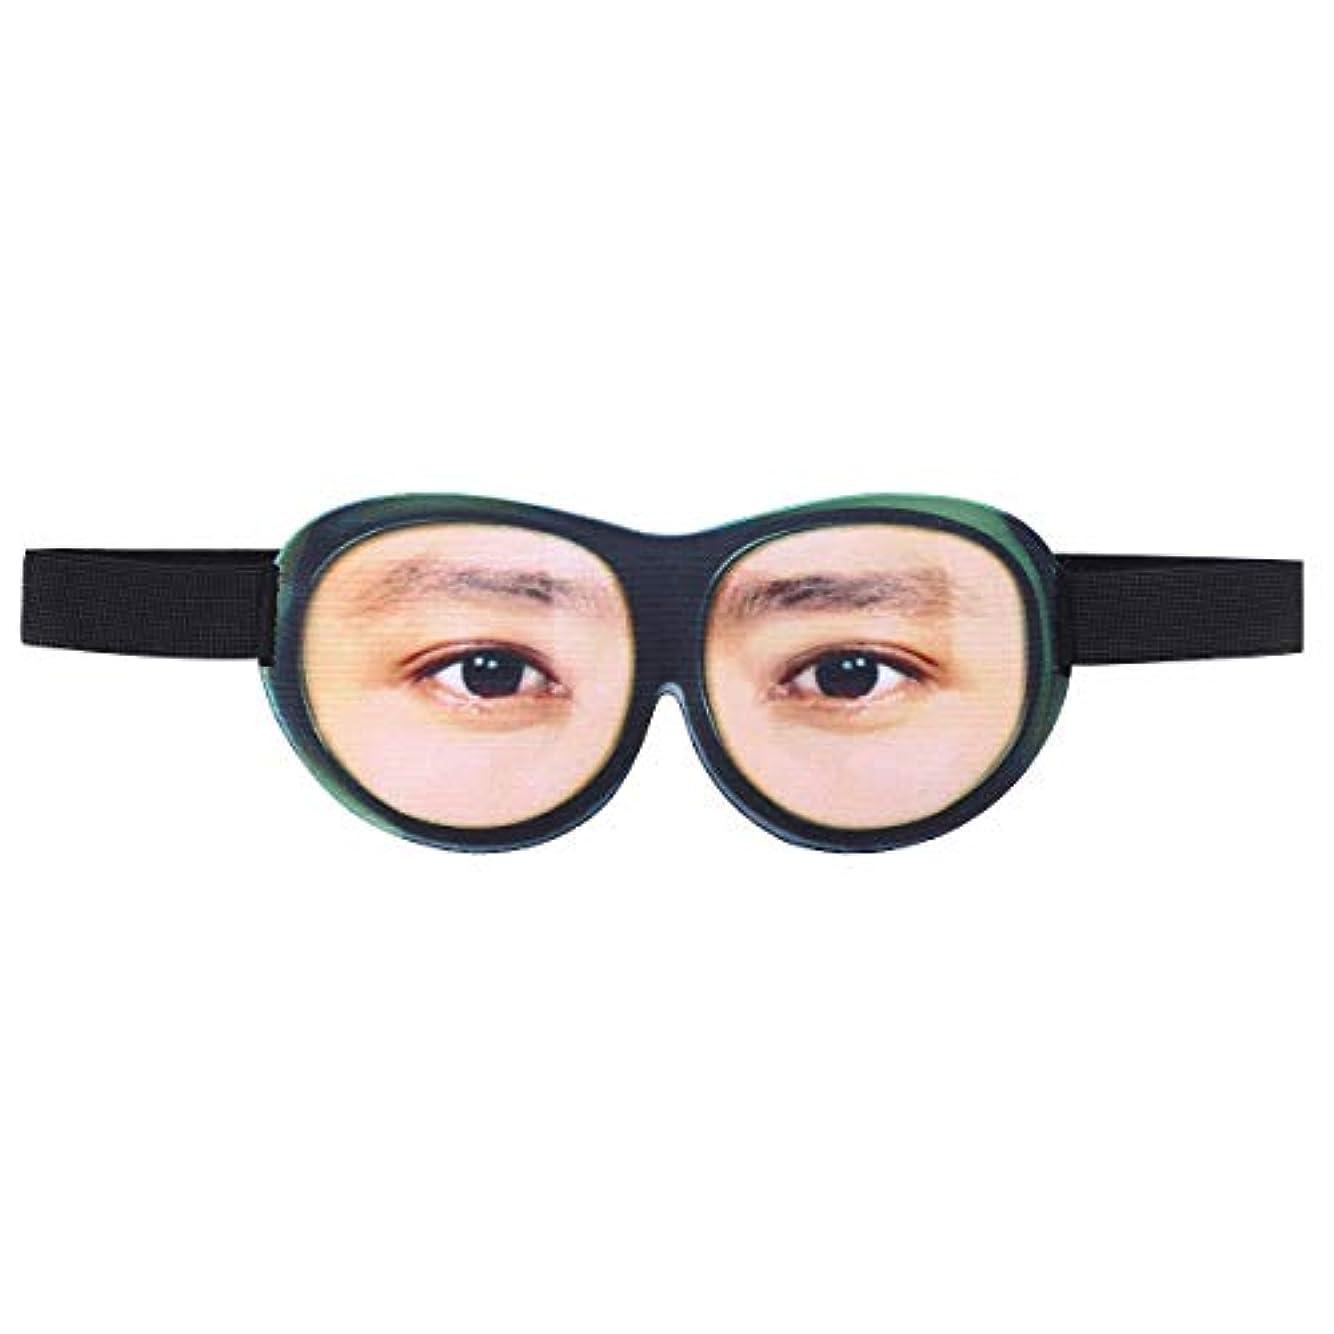 用量豆拍手するSUPVOX 男性と女性のための3D面白い睡眠マスク通気性目隠しアイマスク旅行睡眠マスク